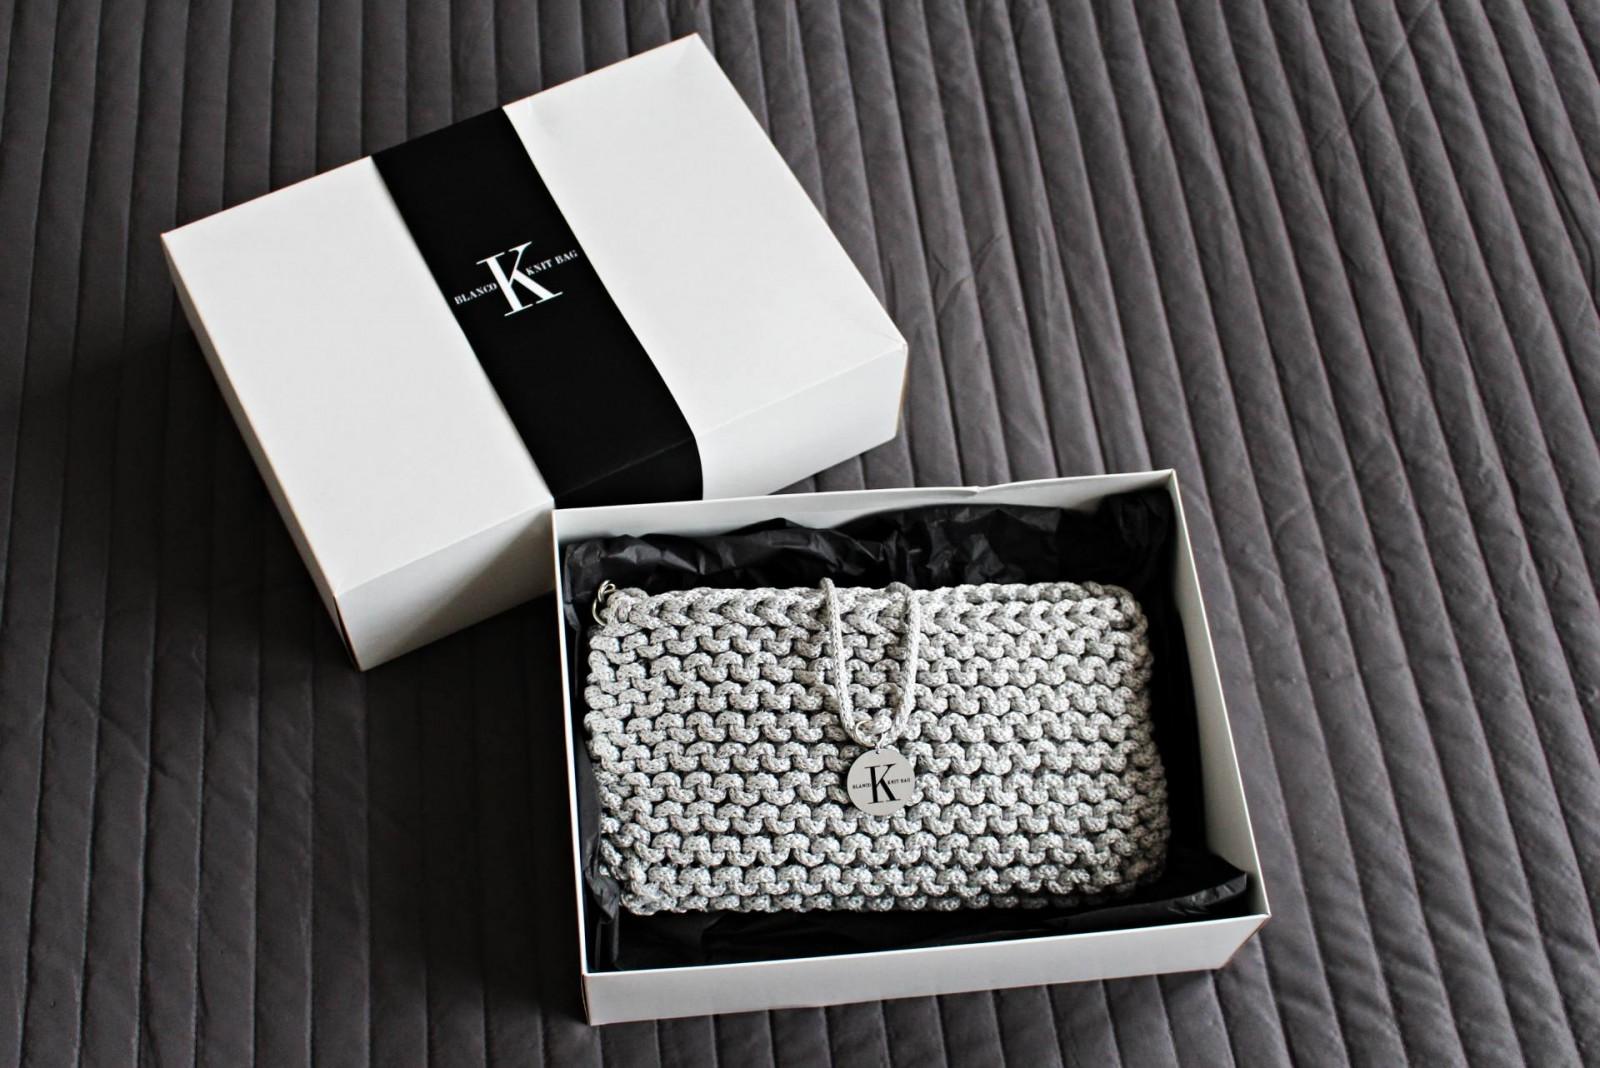 New in: Karikartel Blanco Knit Bag